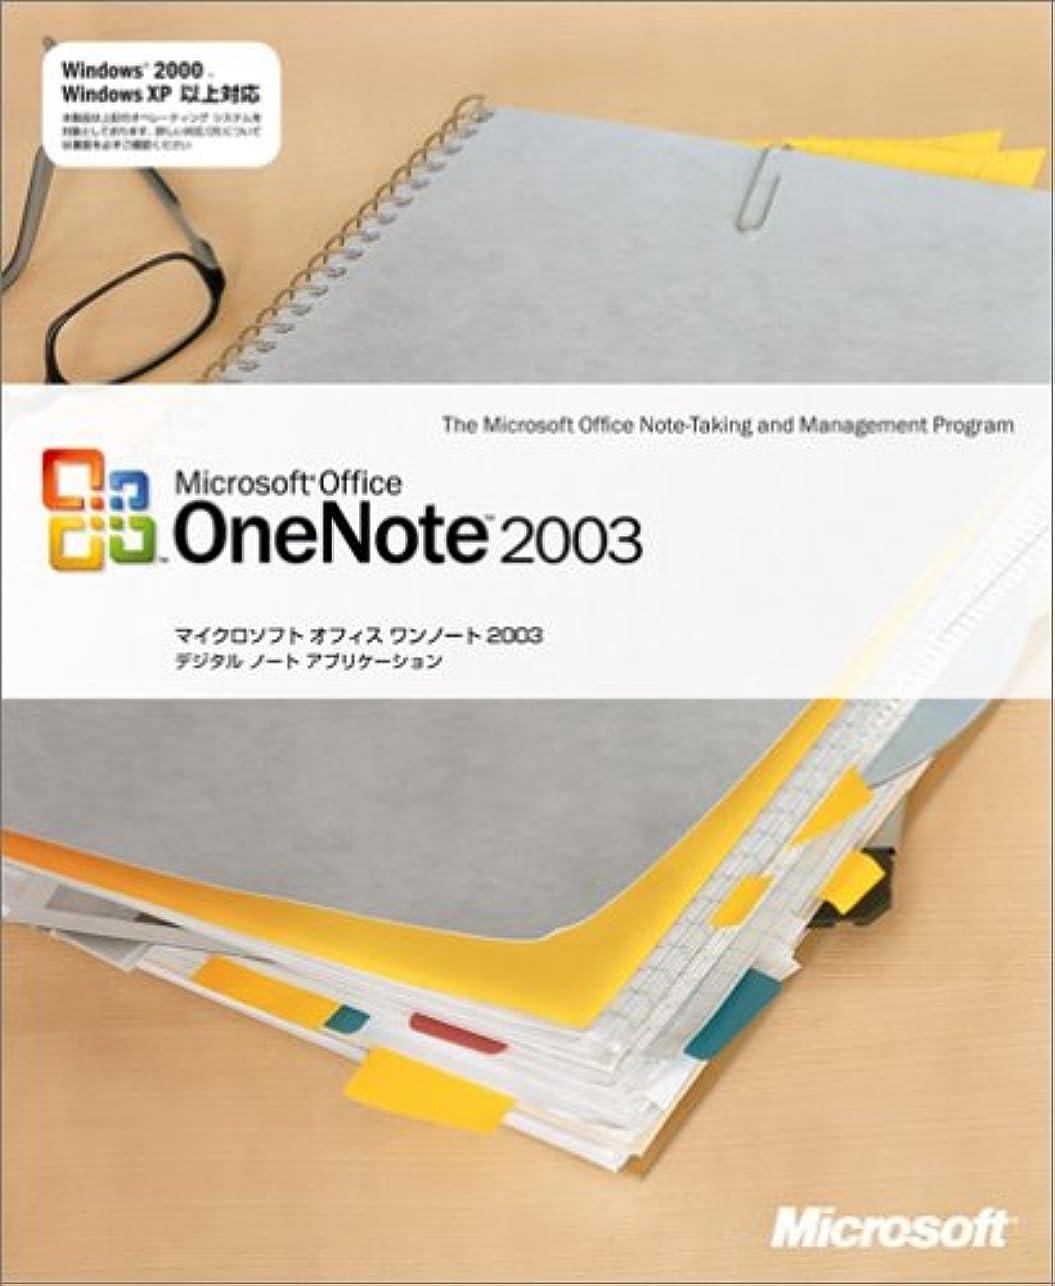 短命縁石エイズ【旧商品/サポート終了】Microsoft OneNote 2003